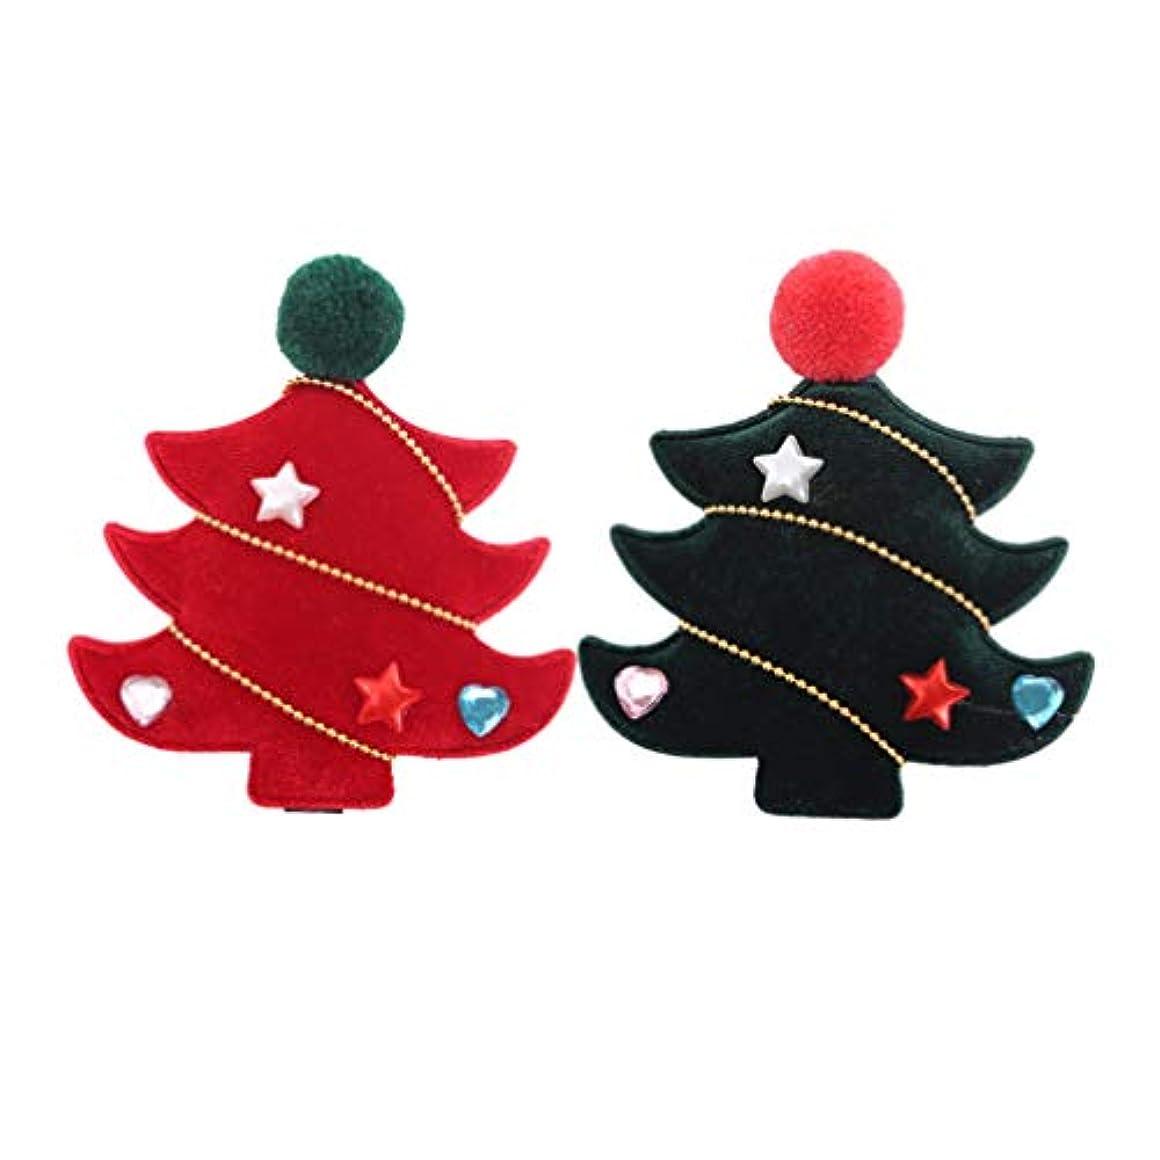 オーブン離すたくさんのSUPVOX 4ピースクリスマスツリーヘアクリップフランネルラブリークリスマスツリーヘアピンヘアアクセサリー用女の子キッズ子供